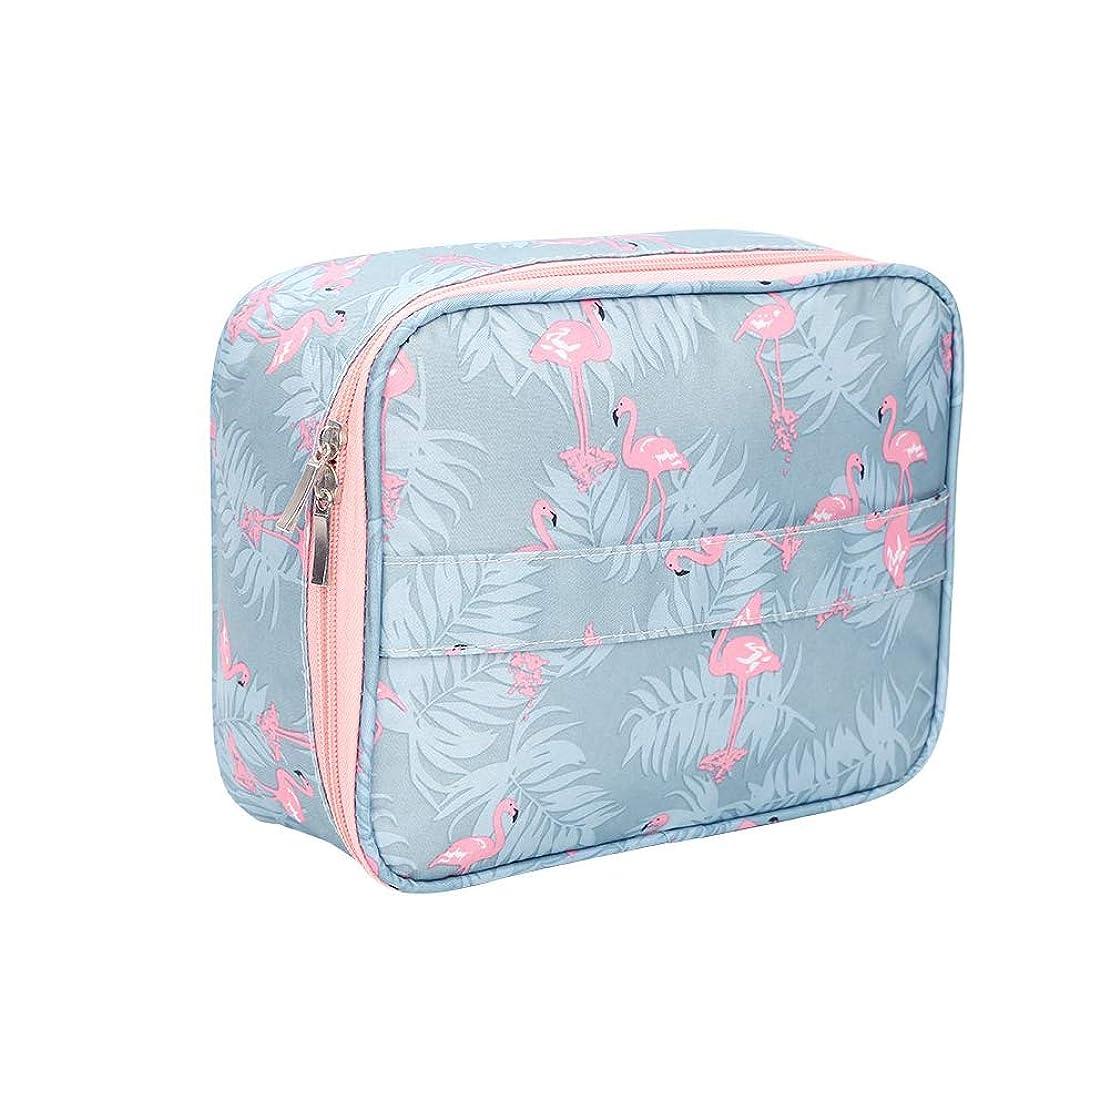 ピンク メイクボックス プロ用 メイクケース 高品質 コスメ収納スタンド 大容量 コスメケース 旅行用 収納ケース 化粧 收納抜群 メイクブラシバッグ